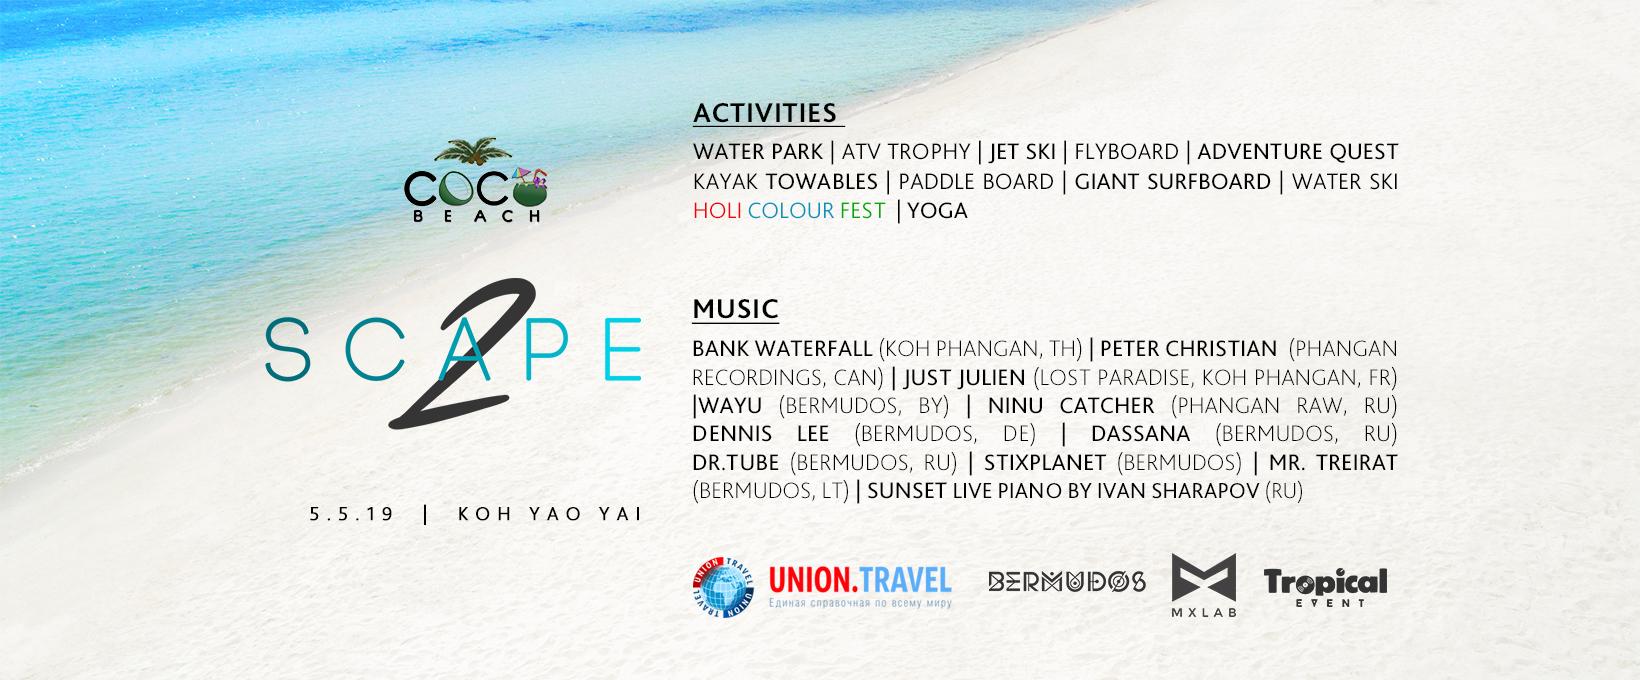 Приключение на пляже Коко на острове Yao Yai, которое для Вас подготовила команда Bermudos